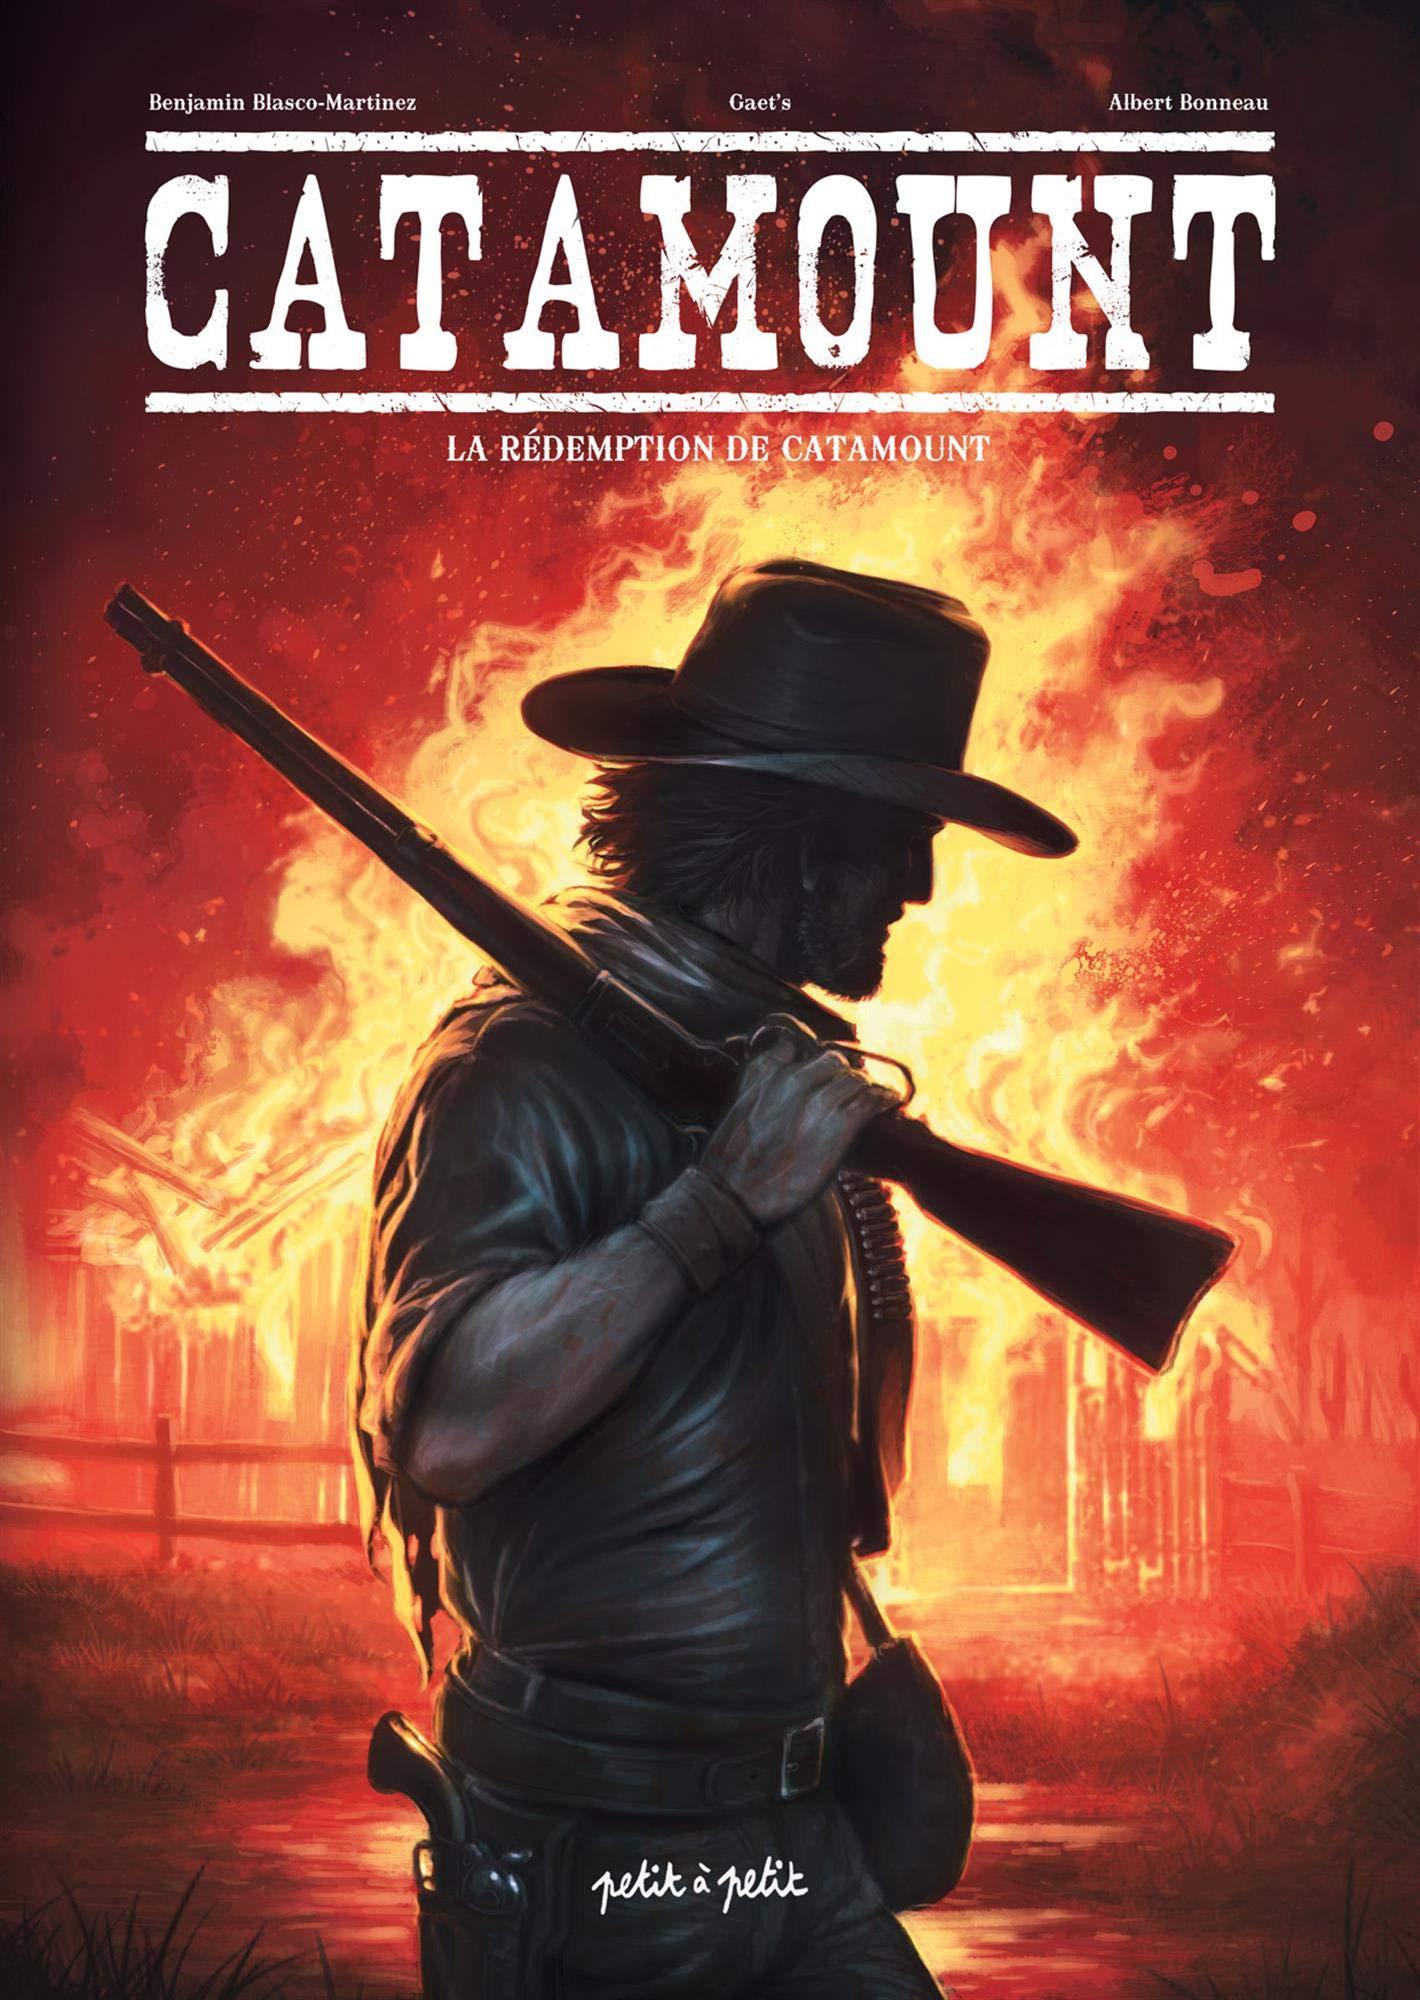 CATAMOUNT 4 - La rédemption de Catamount